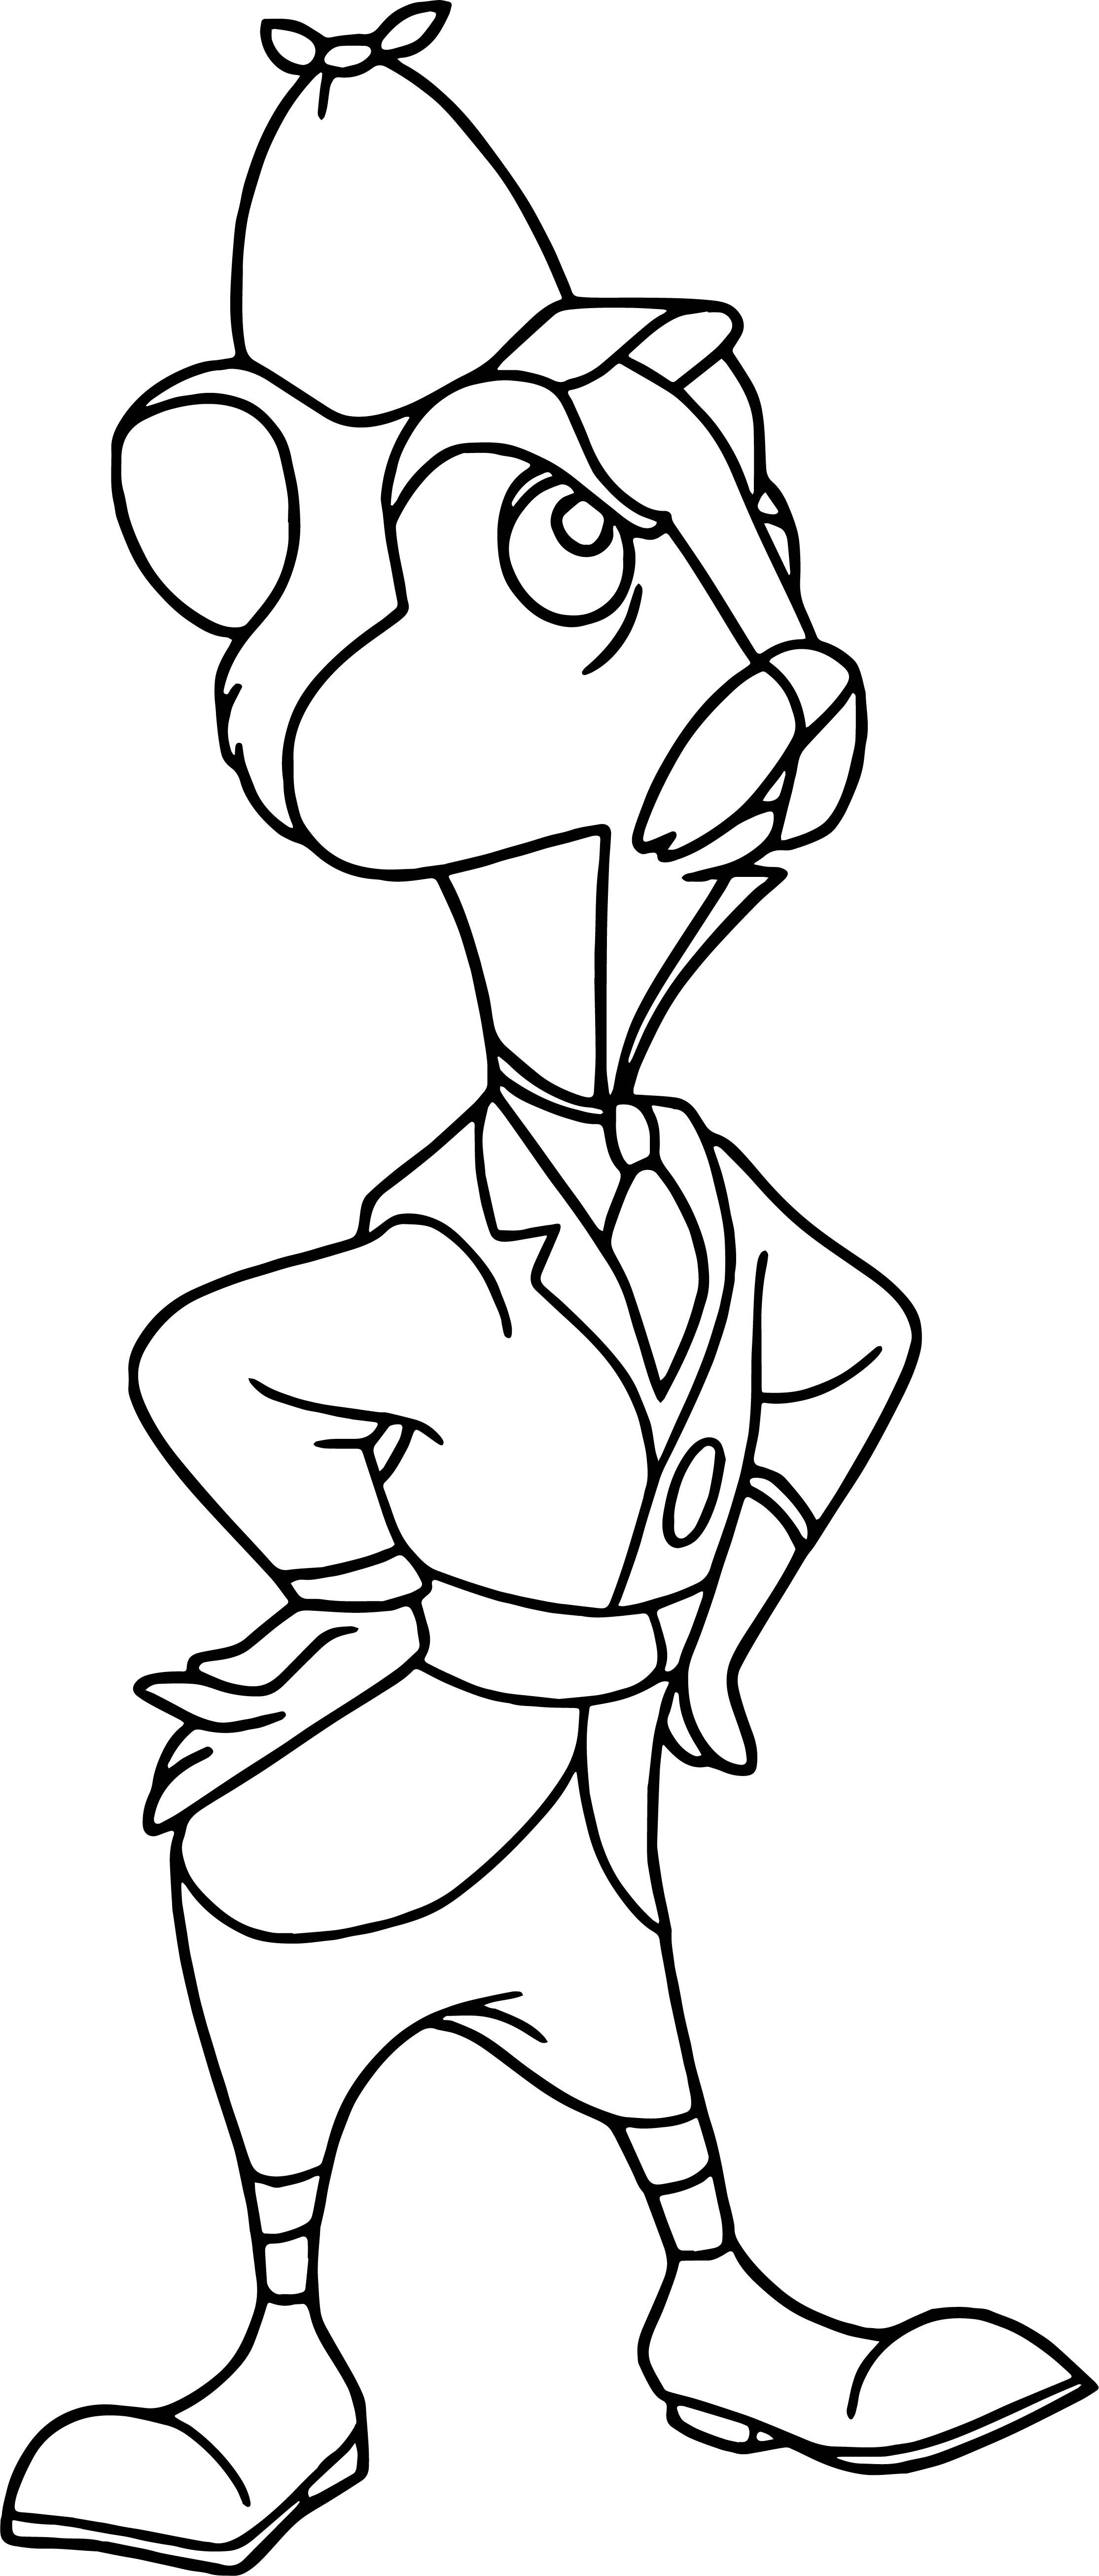 waterrat cartoon coloring page